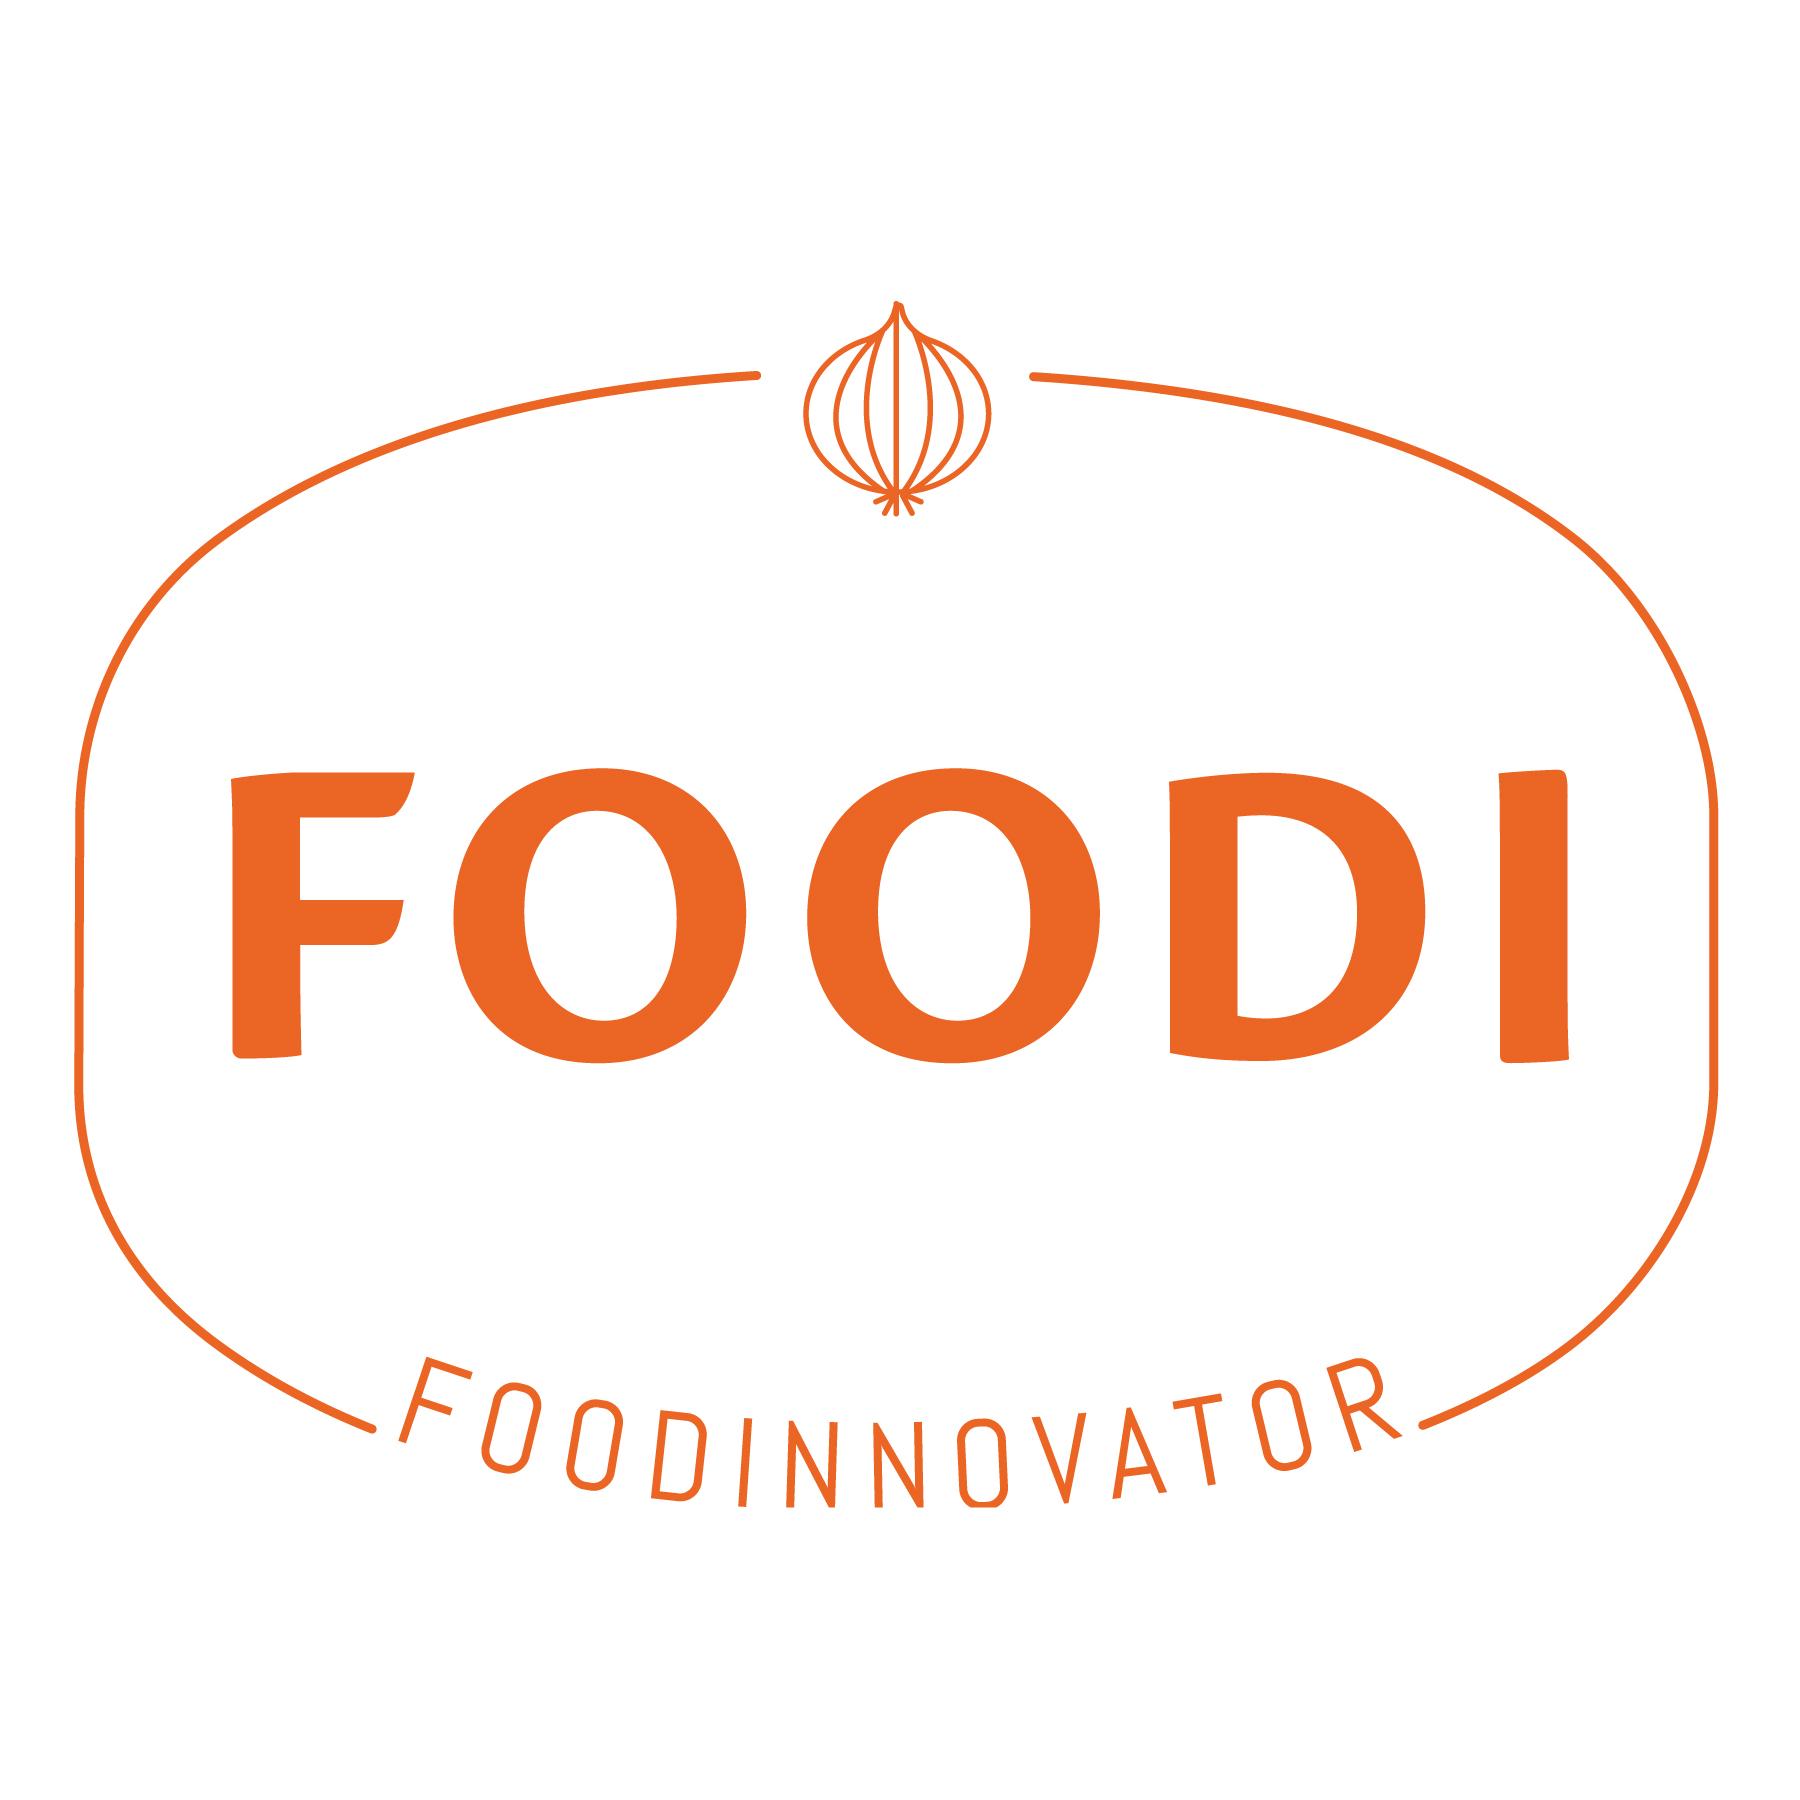 rebranding van foodi